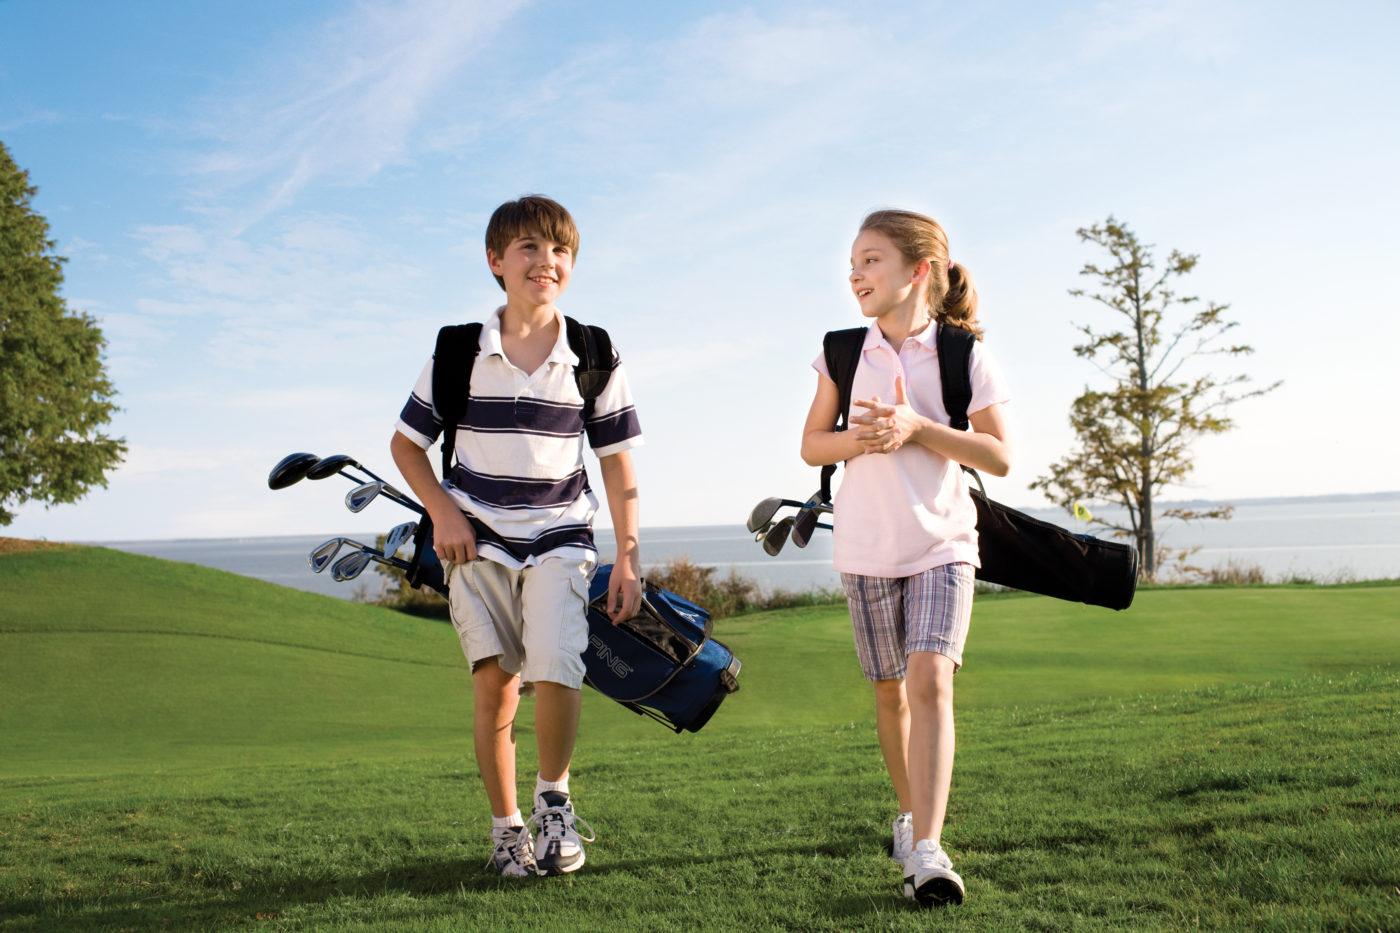 https://secureservercdn.net/104.238.69.231/tbs.145.myftpupload.com/wp-content/uploads/2019/09/Junior-Golf-Camps-e1571601442223.jpg?time=1600515352